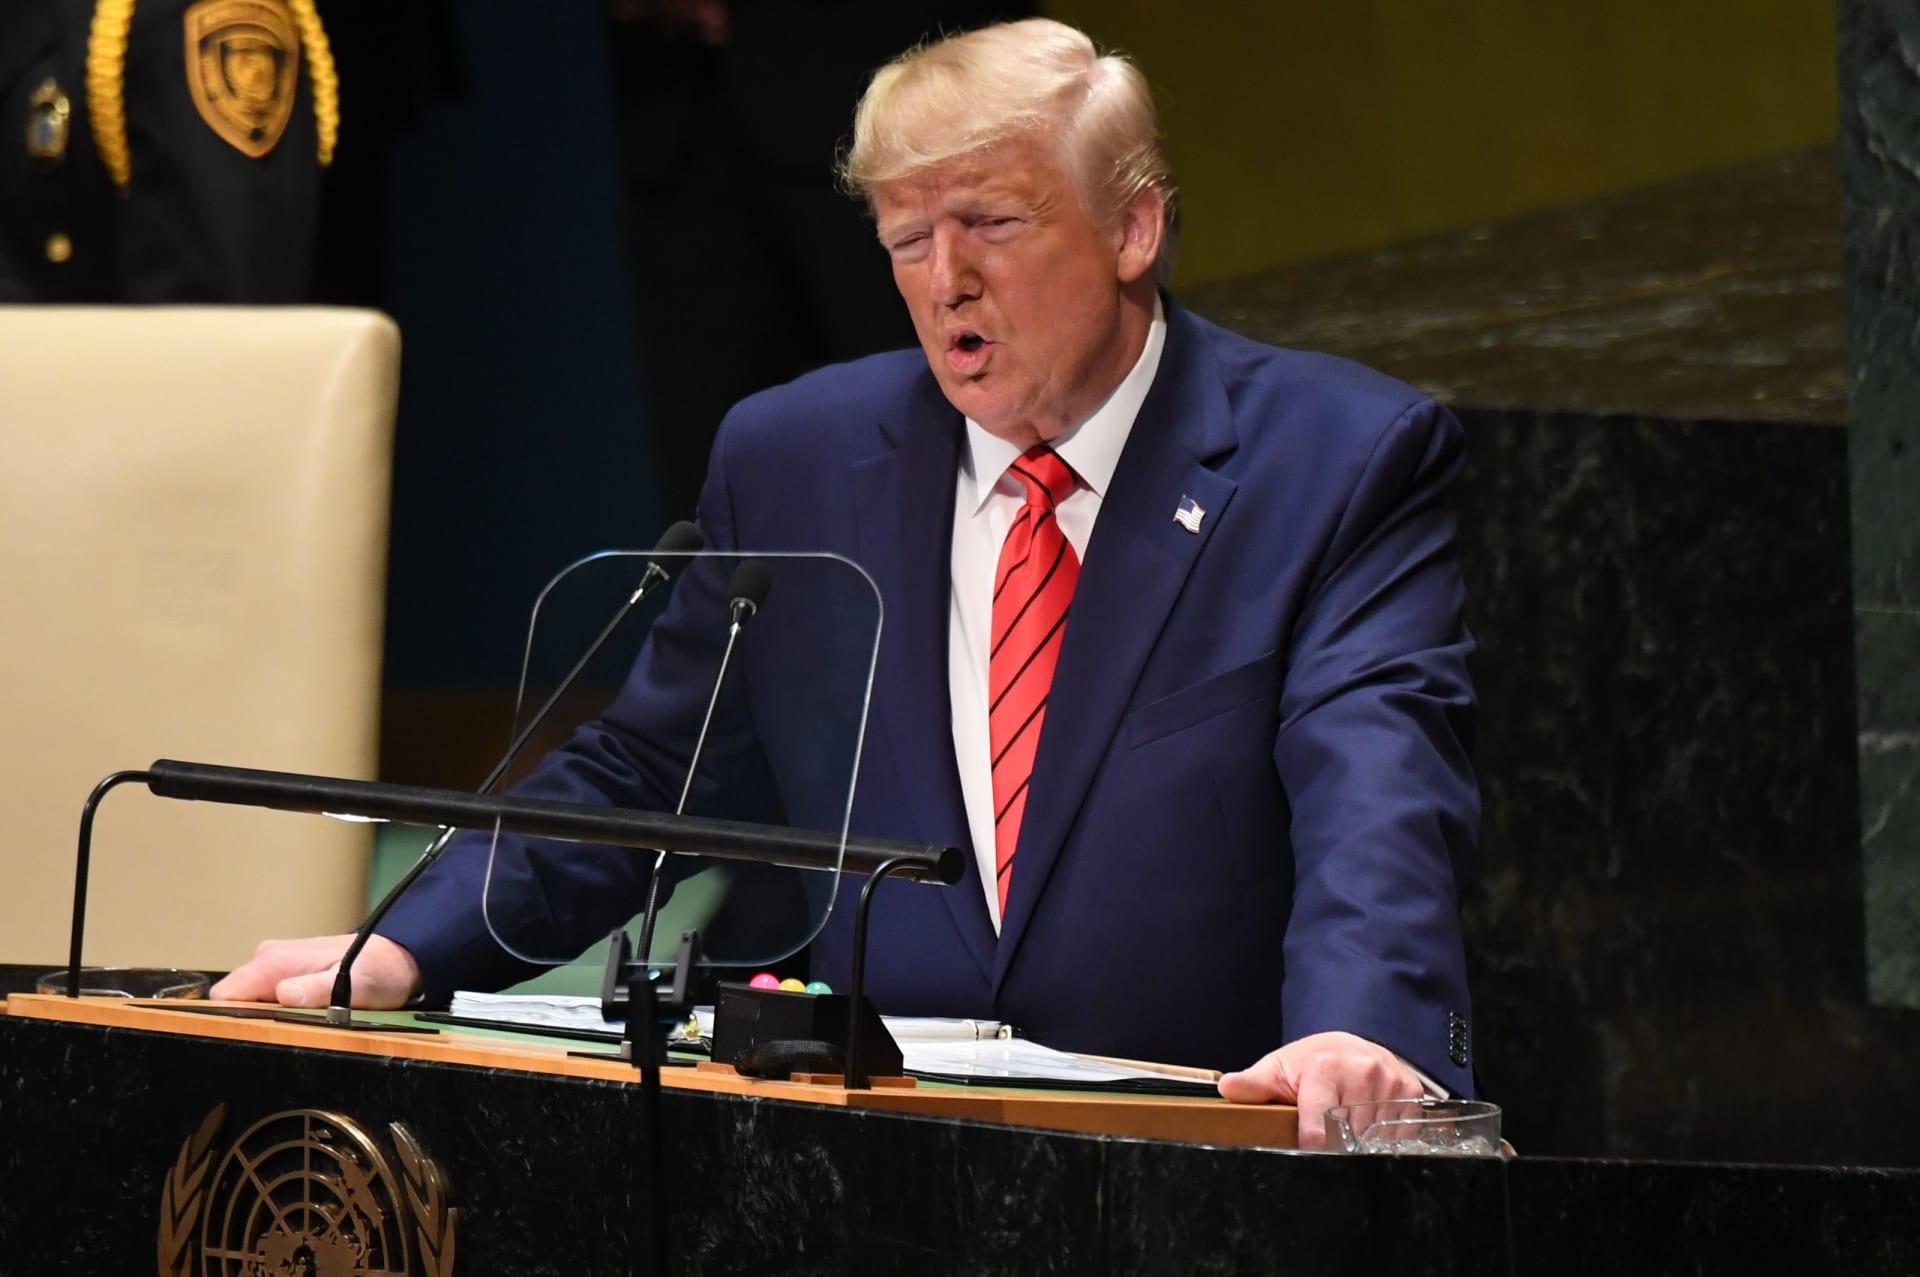 ترامب في الأمم المتحدة: النظام الإيراني قمعي يرفض السلام.. ولن نسمح بامتلاكه أسلحة نووية